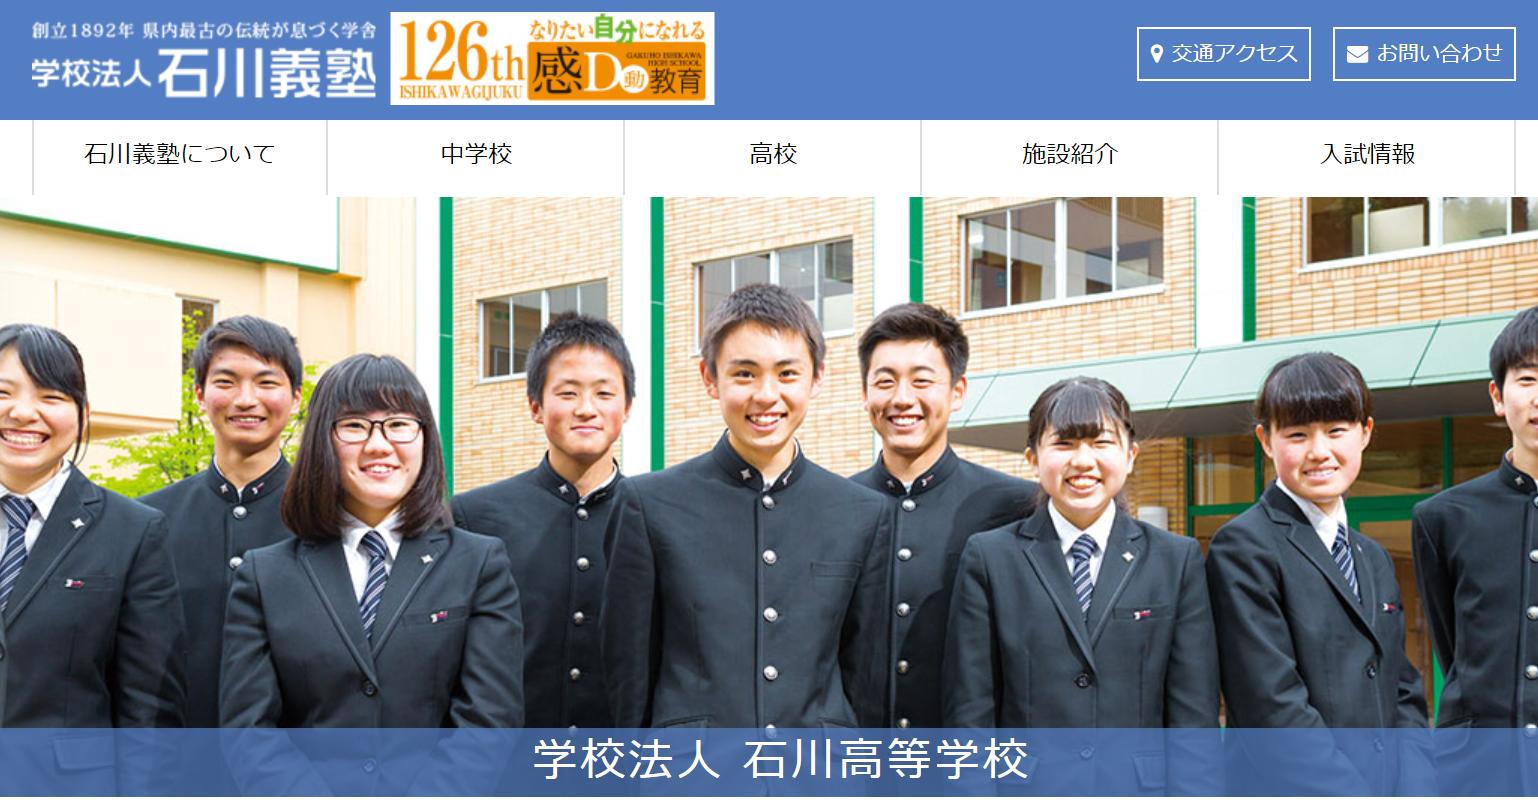 石川高校の口コミ・評判